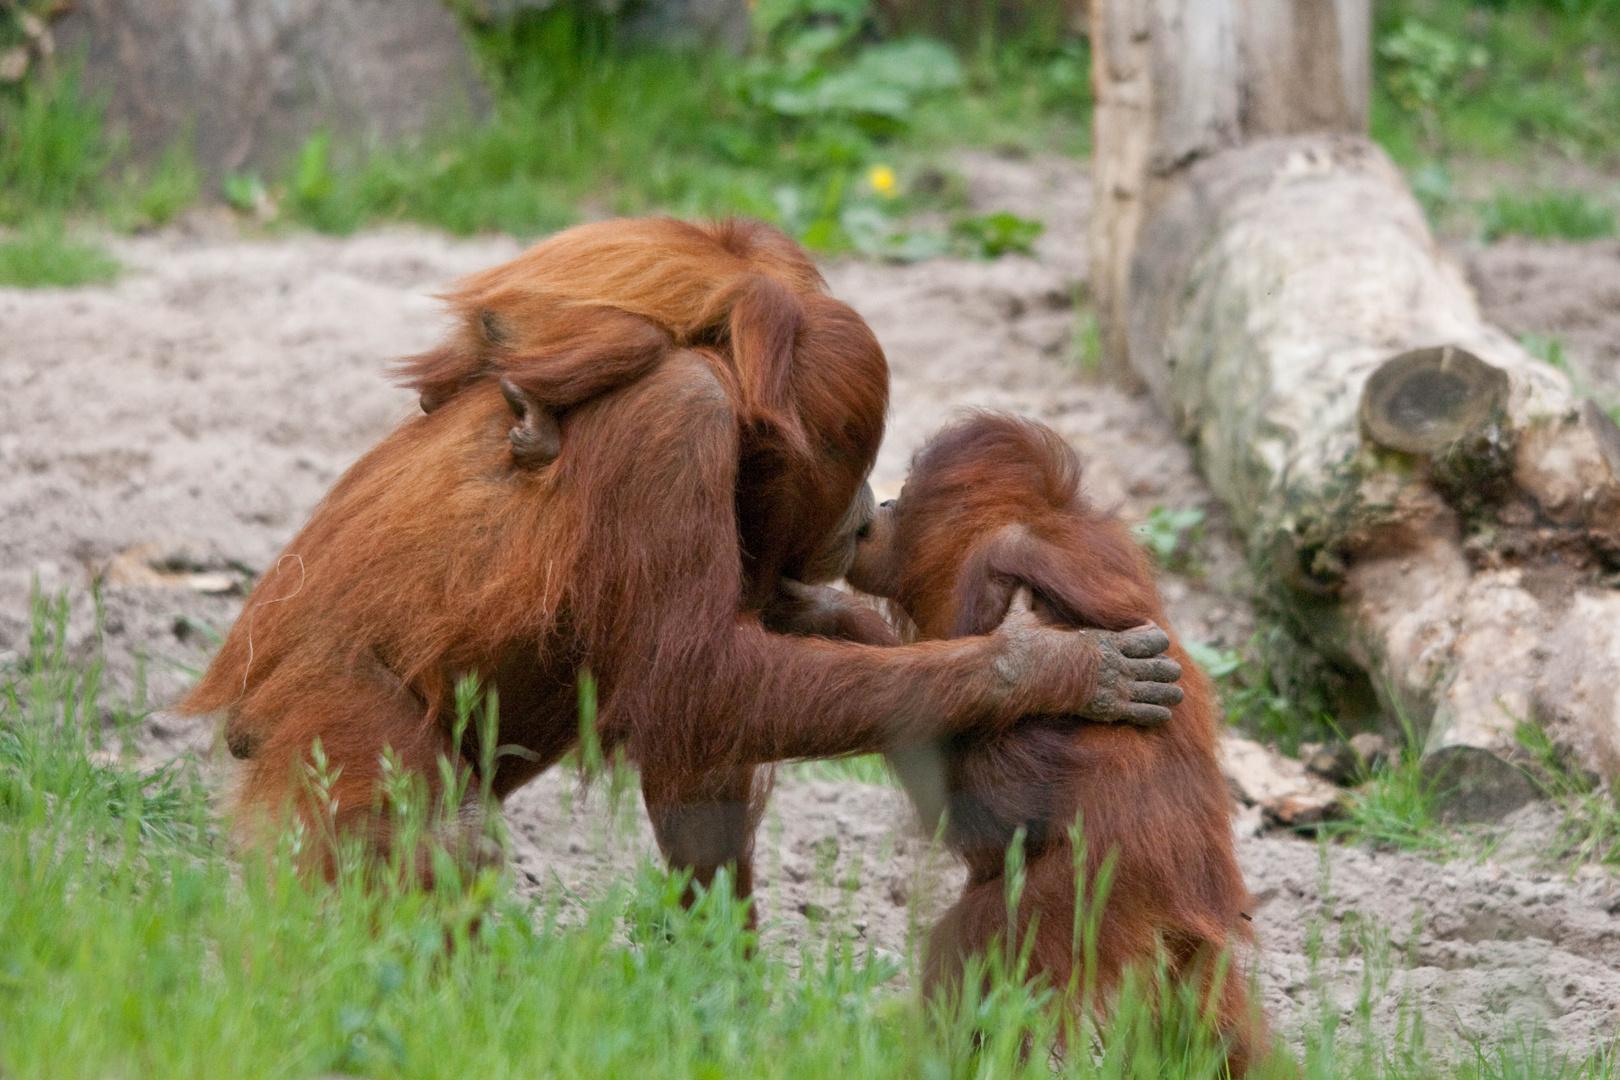 Die Affenmutter liebt ihr Kind..